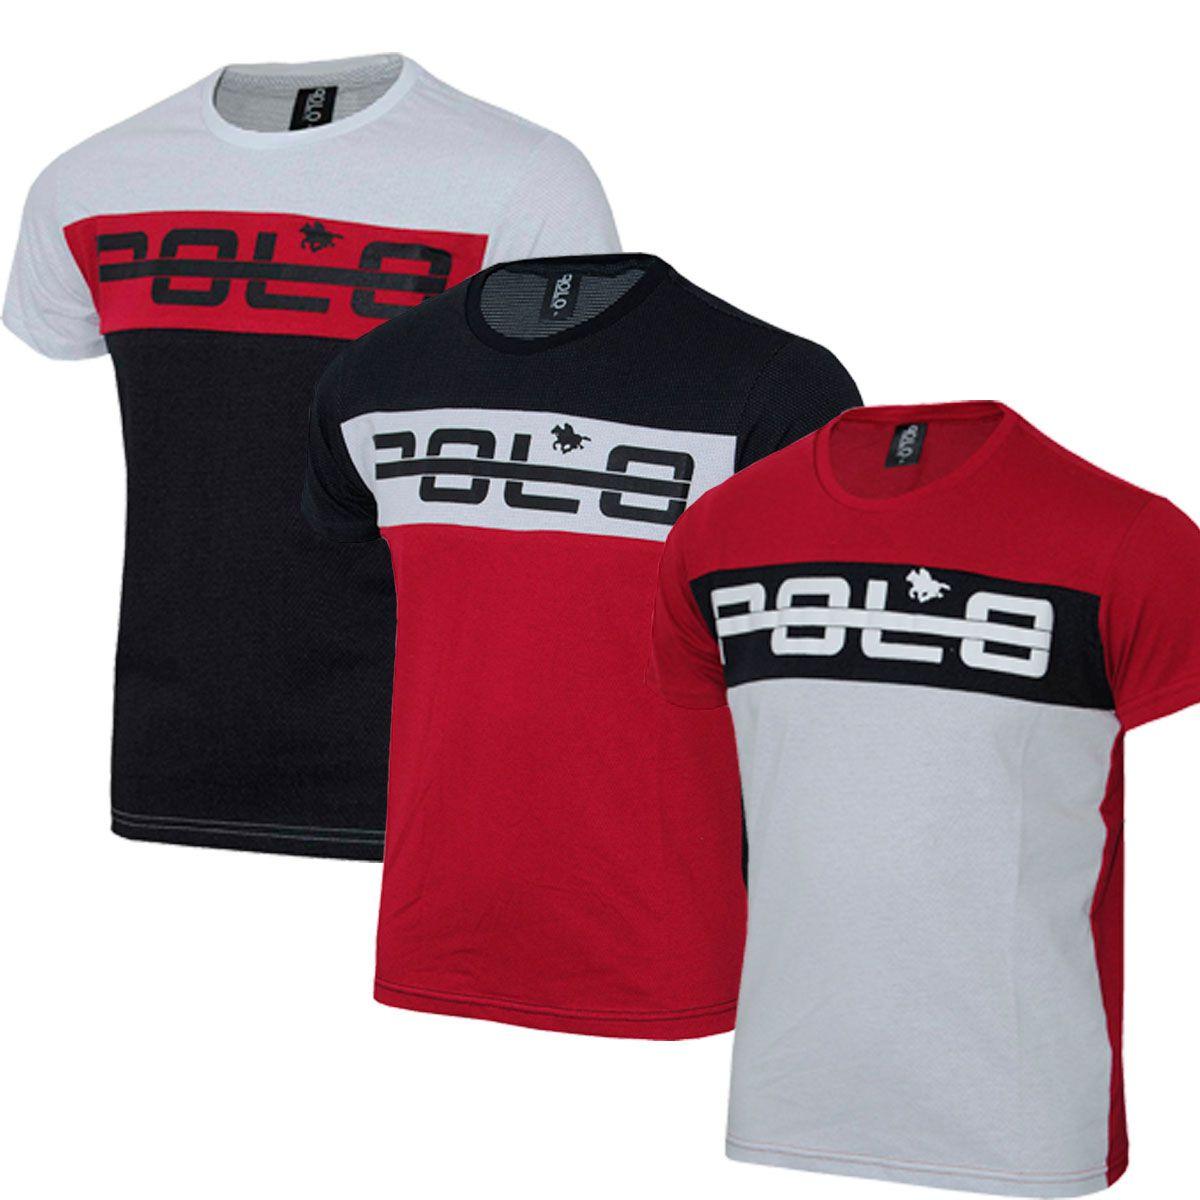 Kit Camiseta Recorte Malha Pontos 3 Cores